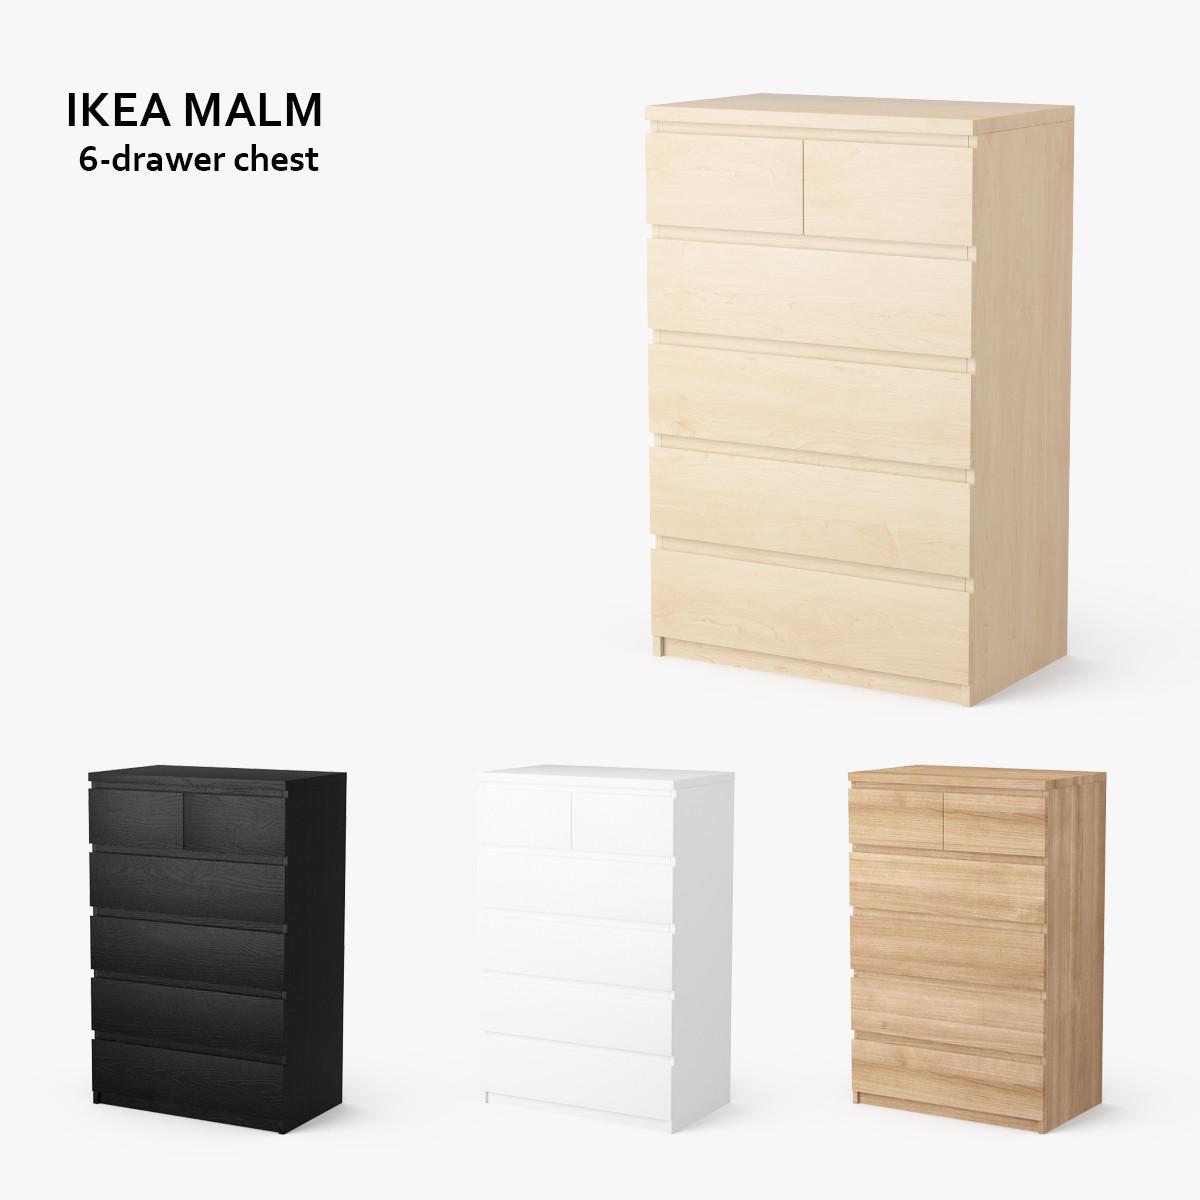 Ikea_Malm_6-Drawer_Chest_01.jpg